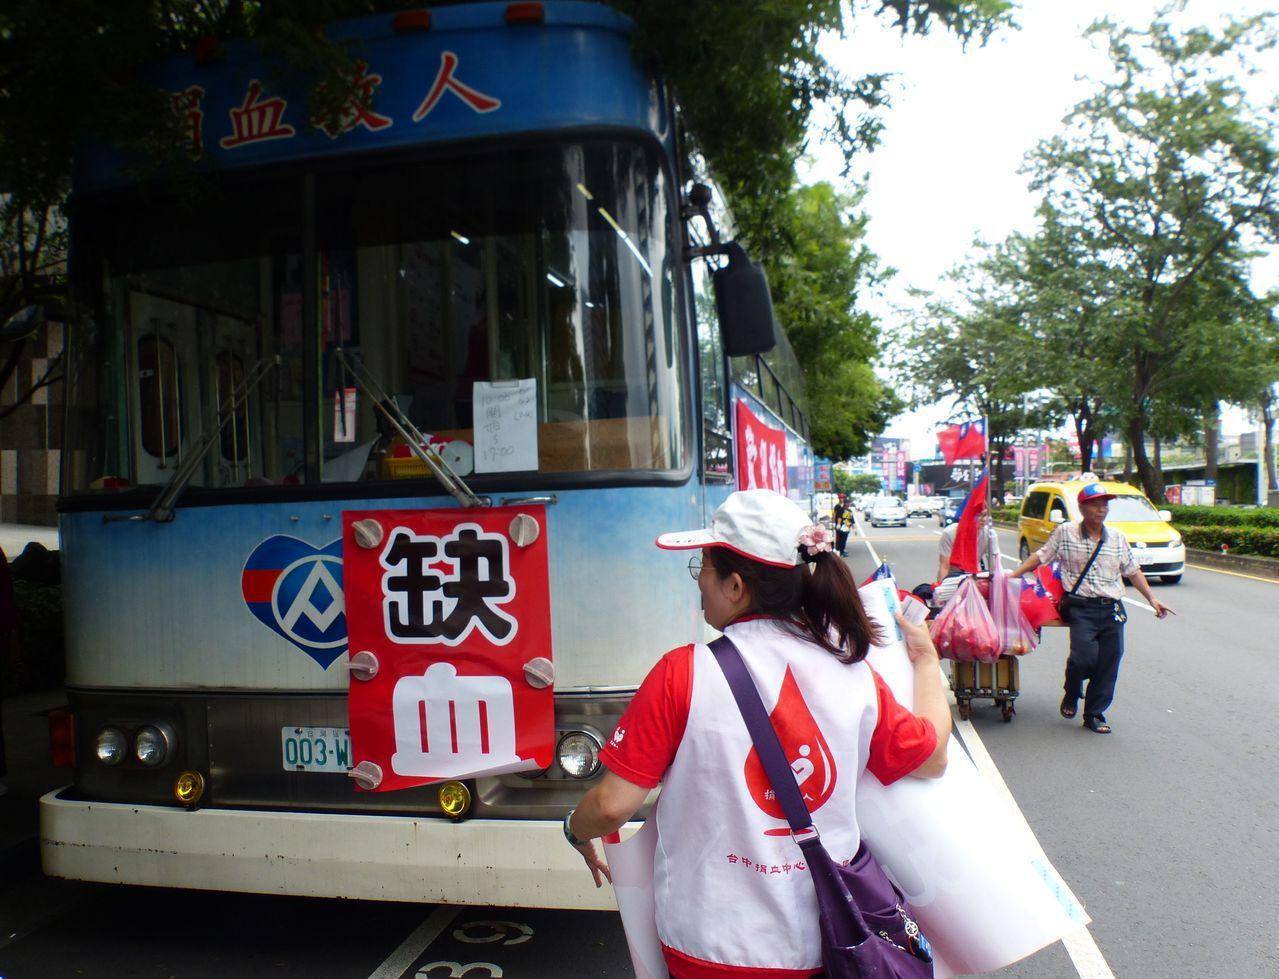 台中捐血中心今天在高雄市長韓國瑜台中造勢大會派駐2部捐血車募血,並且貼出「缺血」...